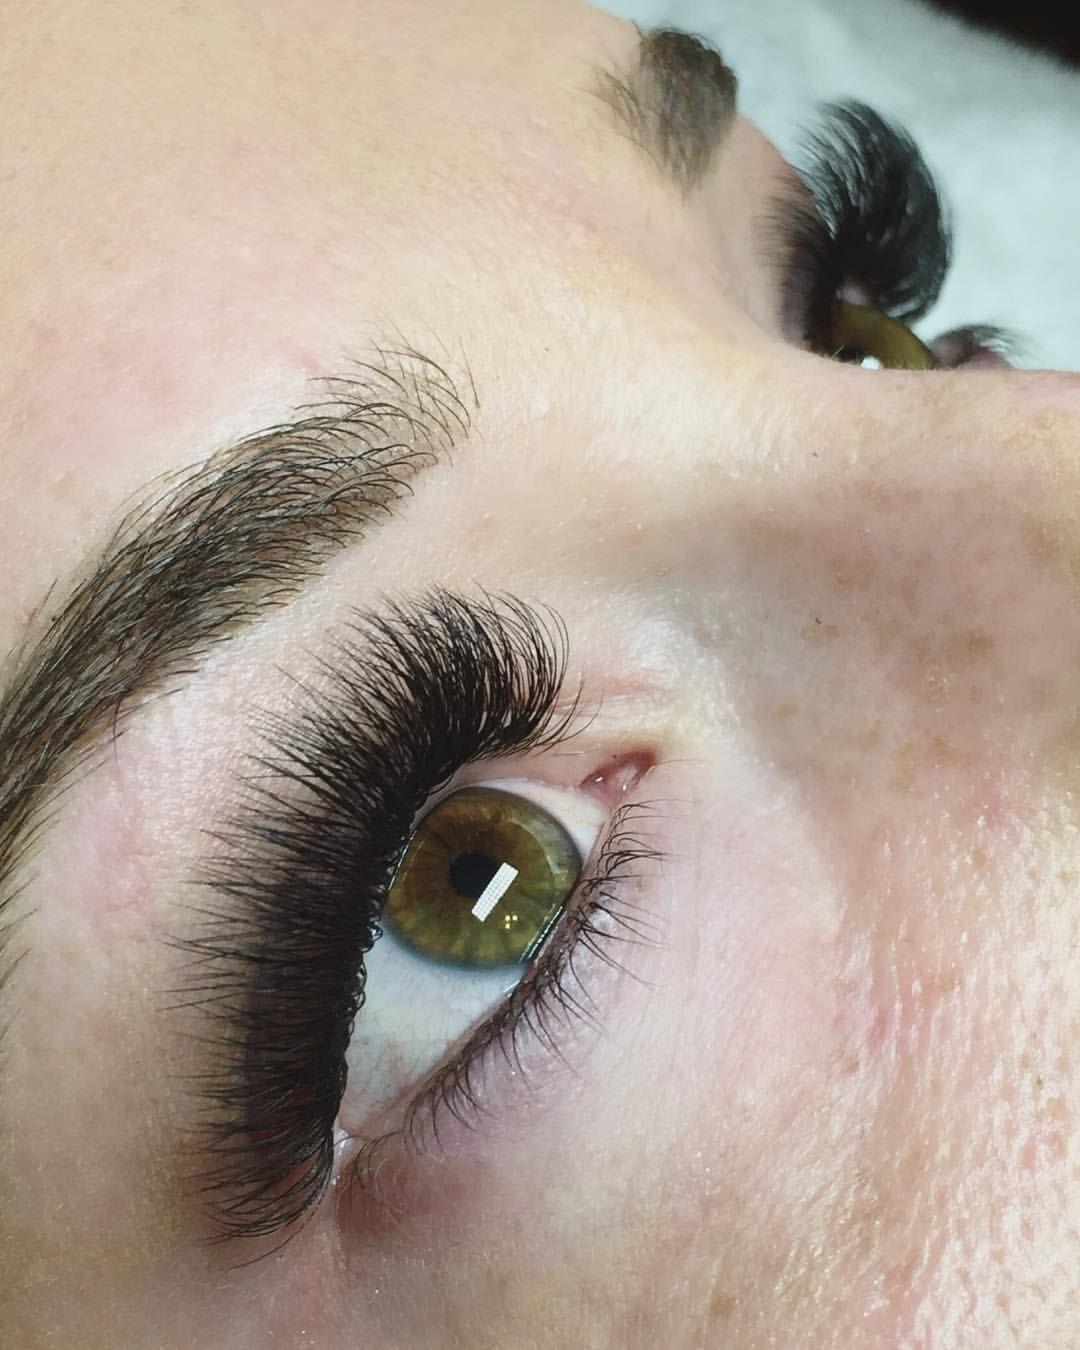 4a2f6063d2d eyelashextensionsatlanta eyelash extensions, volume lashes, lashes, lash  extensions, Atlanta, lash artist